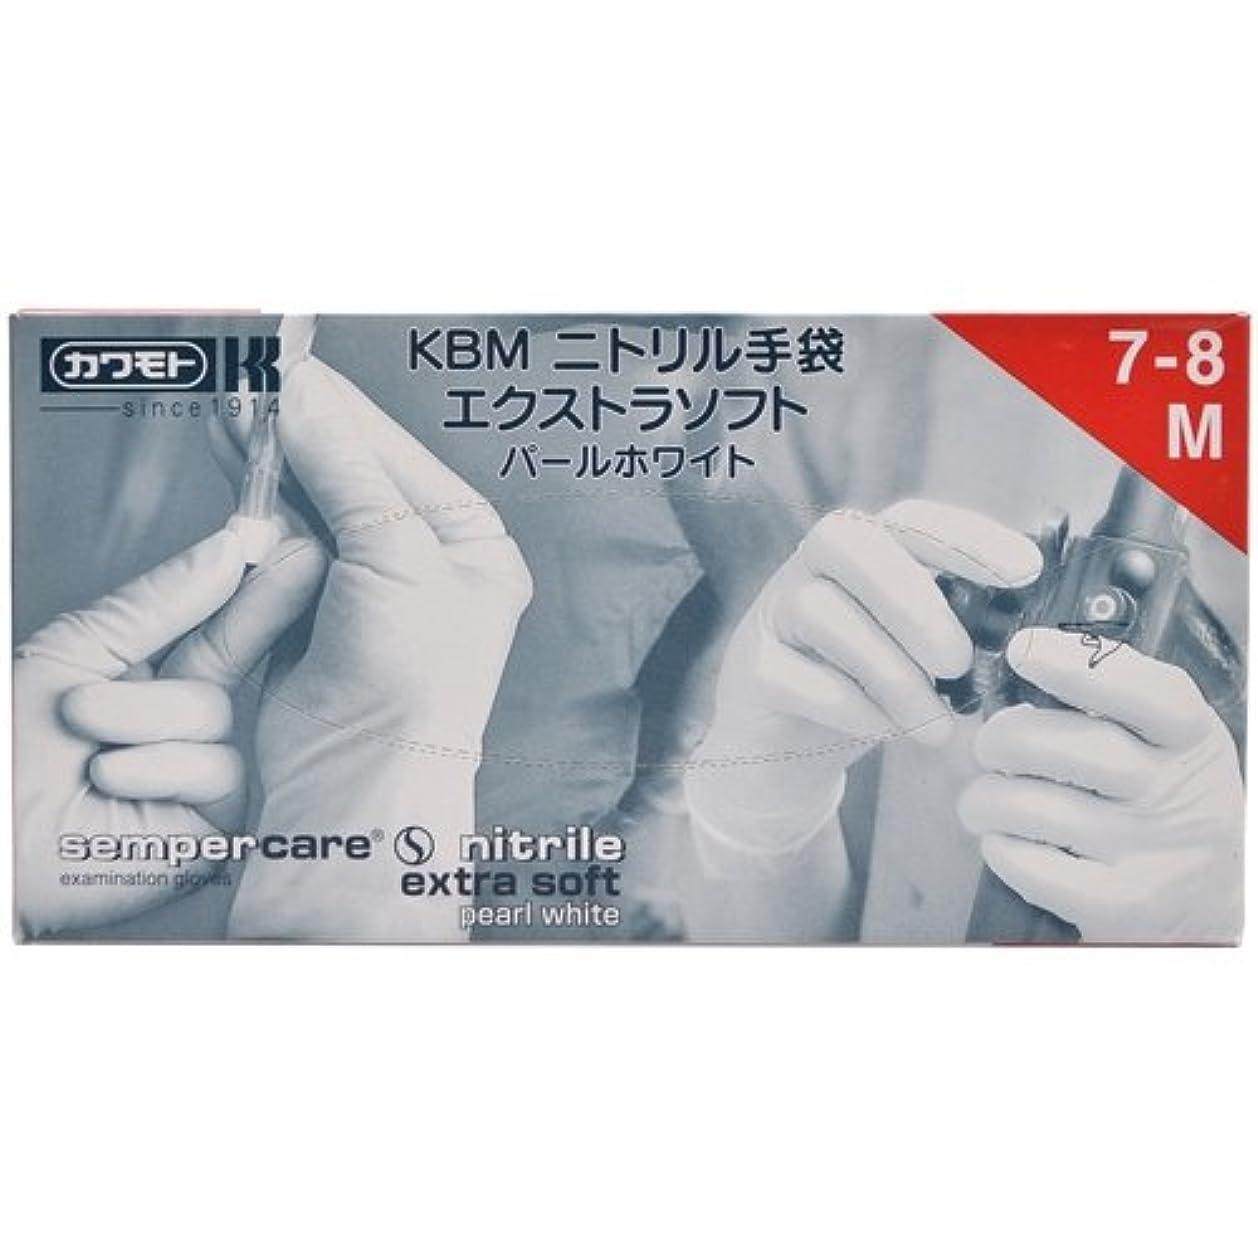 賛辞感嘆本当のことを言うとKBMニトリル手袋 パールホワイト M 200枚入